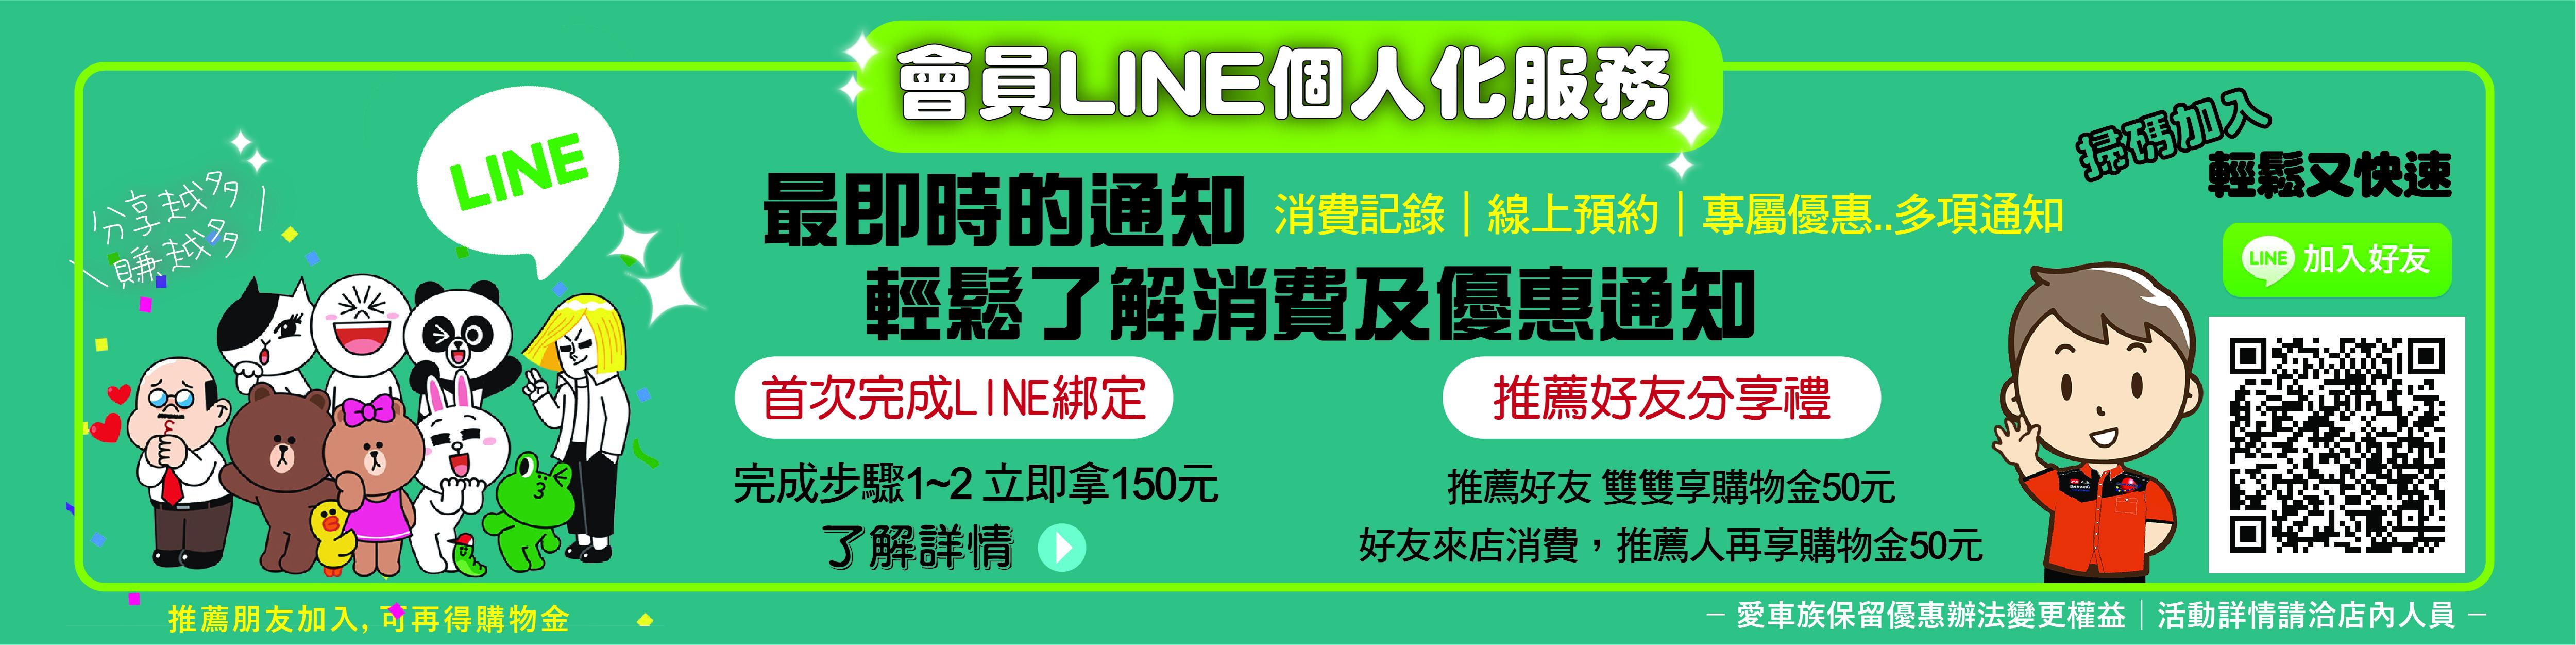 綁定LINE,分享得購物金,預約保養,推薦好友,手機LINE綁定